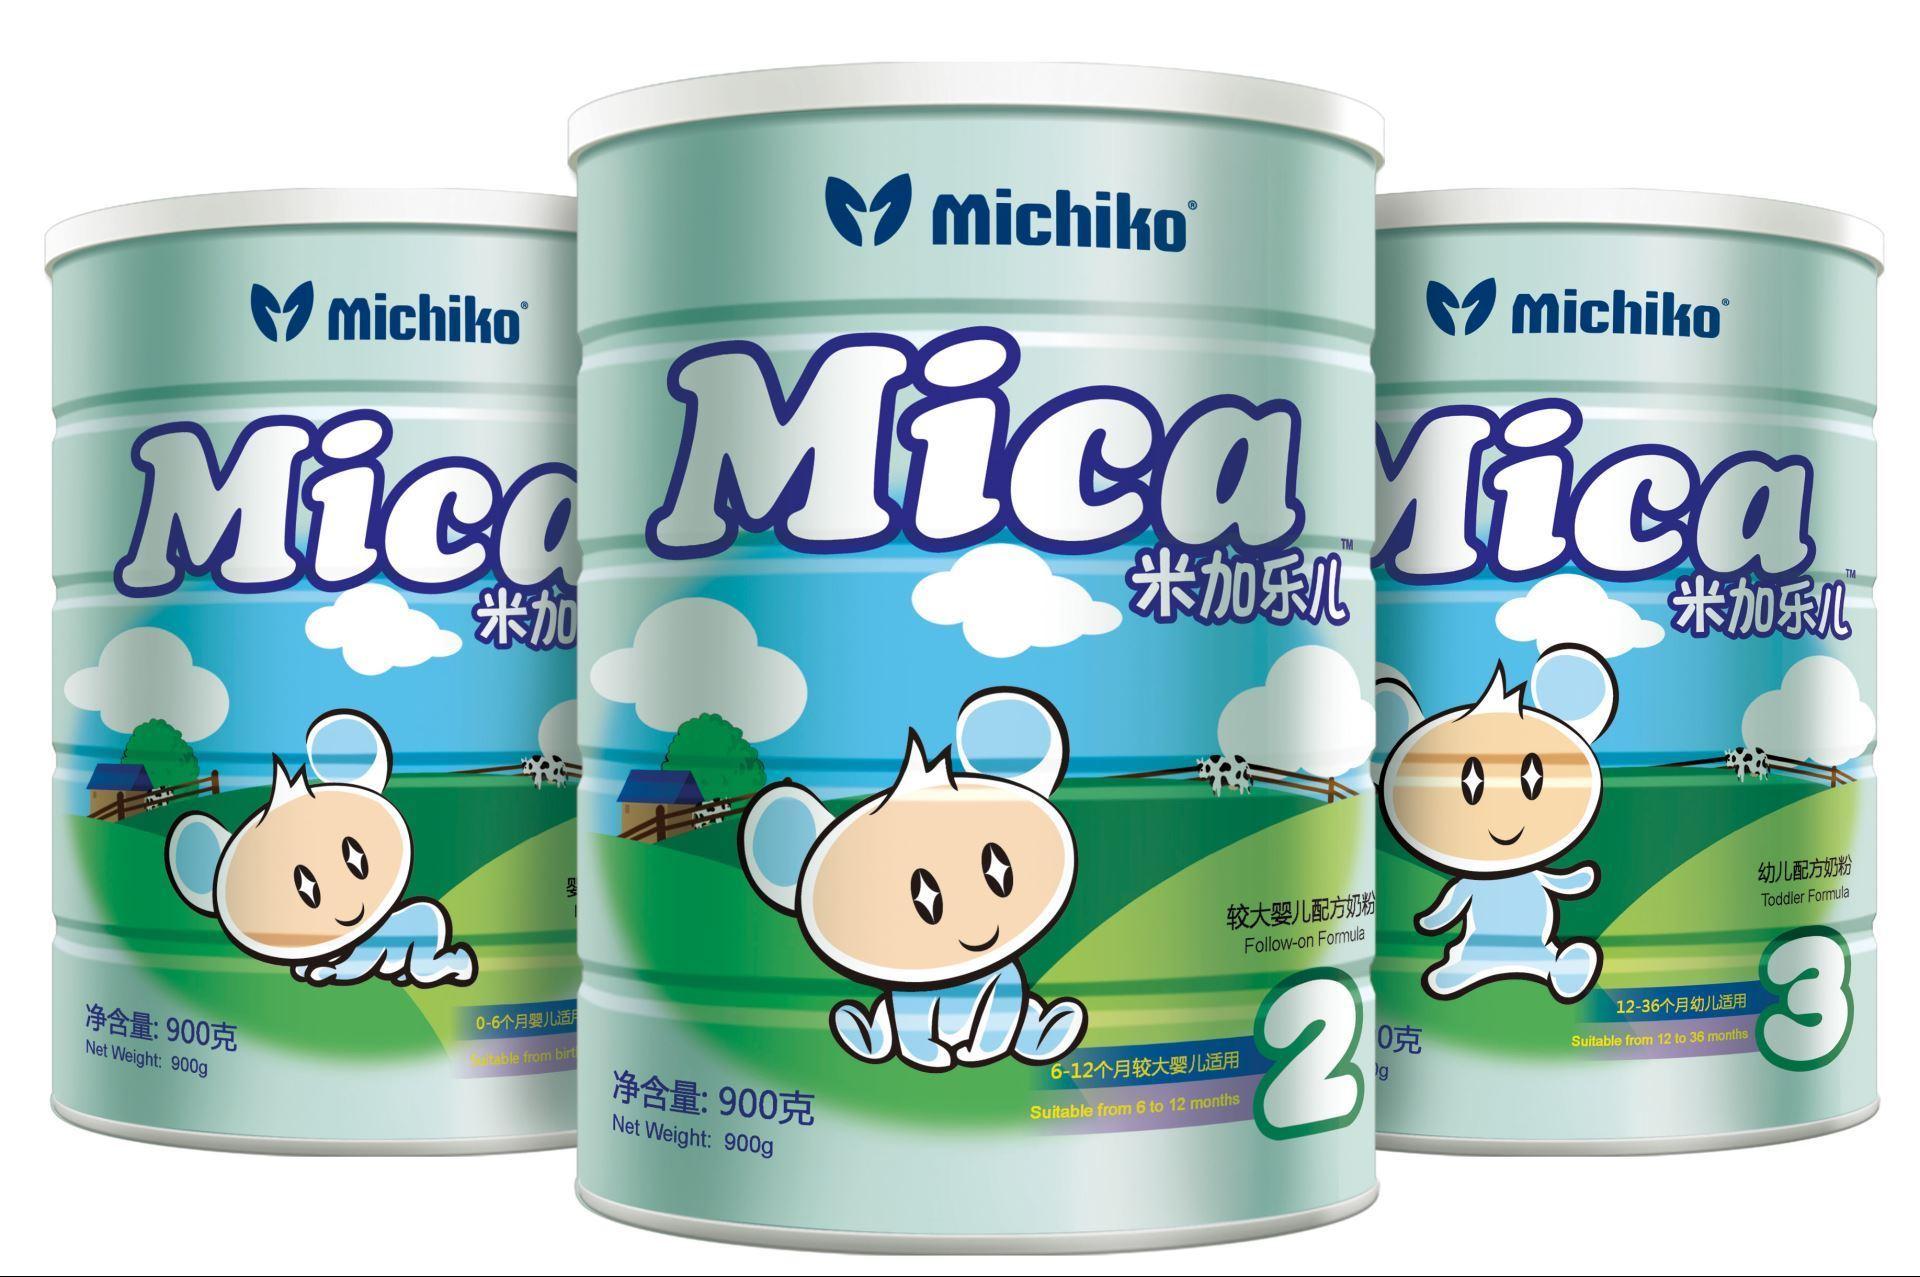 澳洲Mica米加乐儿系列